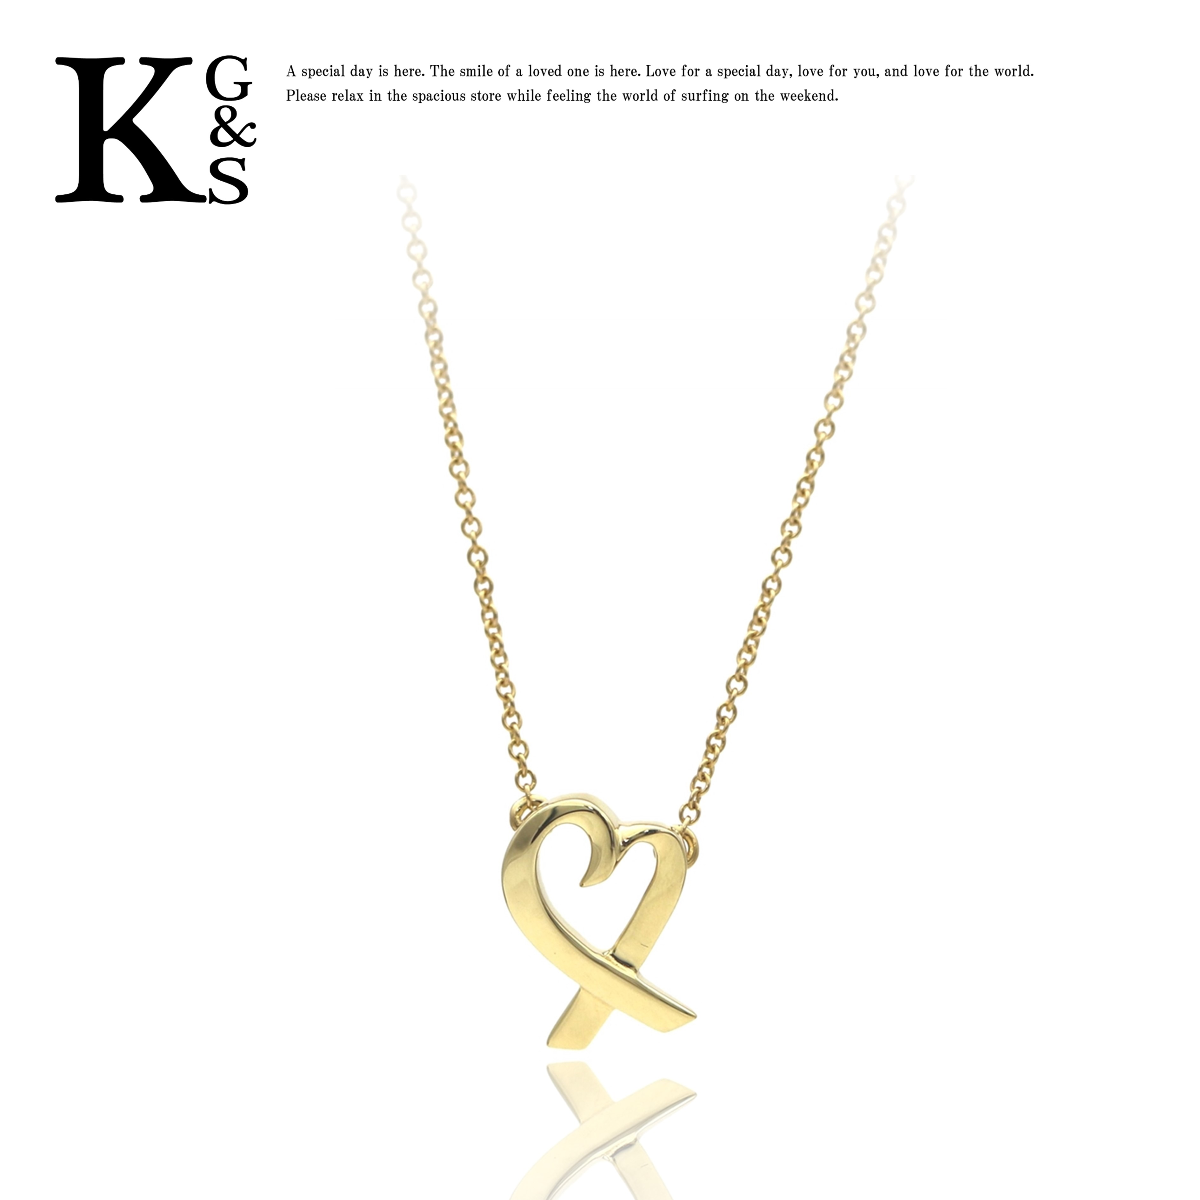 【ギフト品質】ティファニー/Tiffany&co レディース ジュエリー ラビングハート ネックレス K18YG イエローゴールド